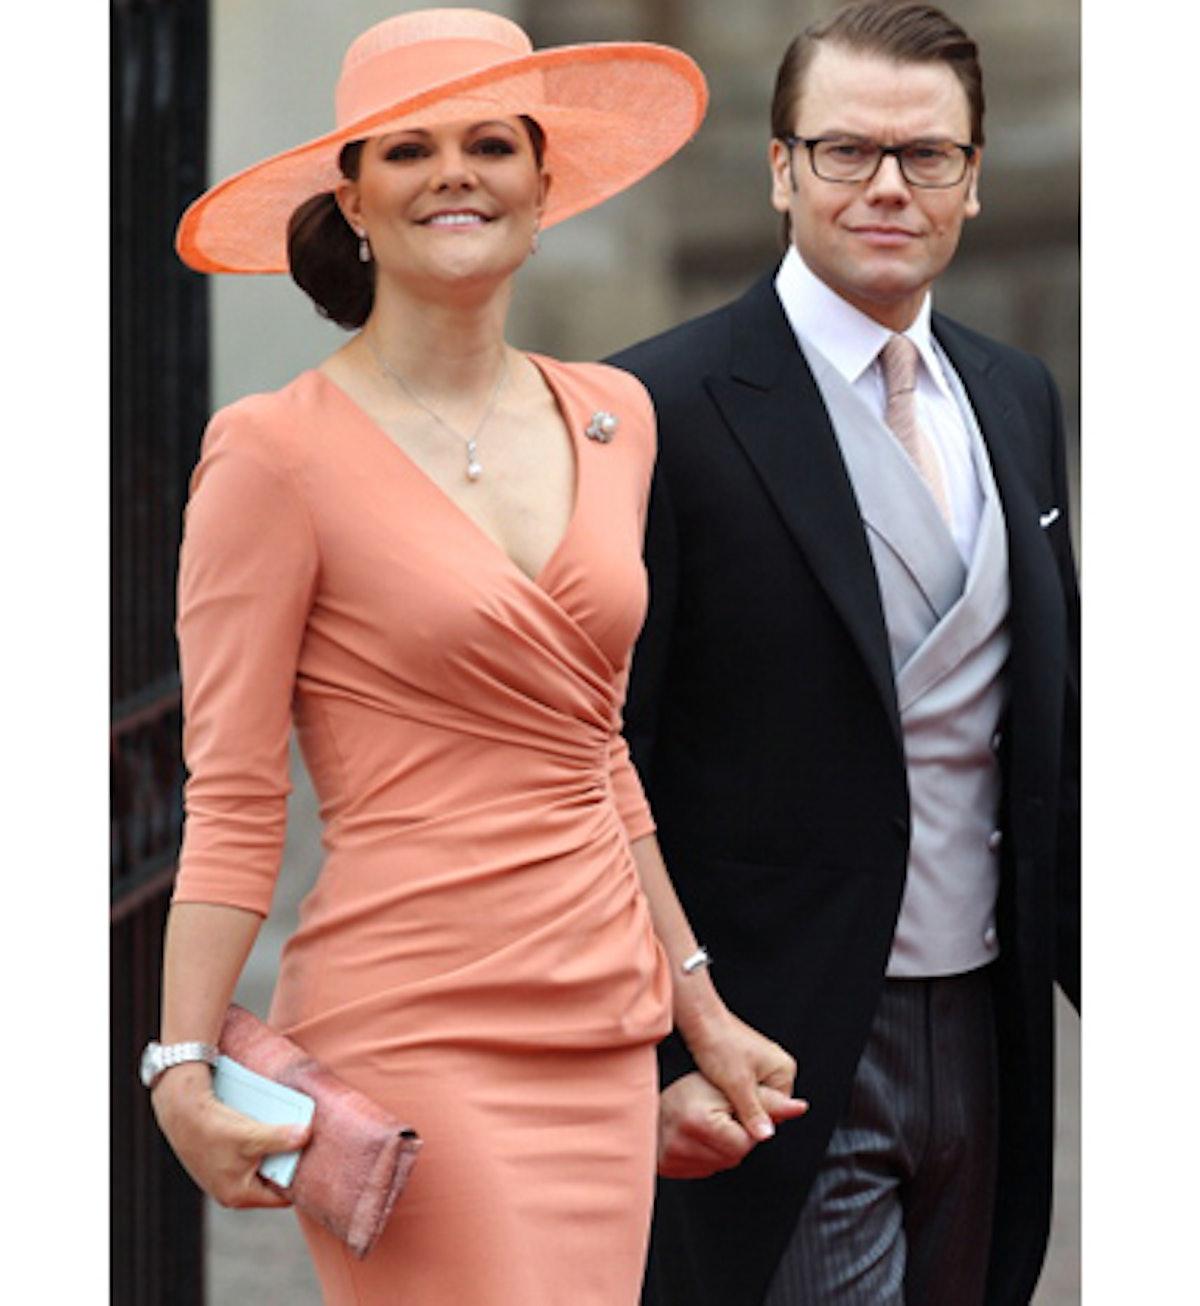 blog-royal-wedding-best-dressed-05.jpg